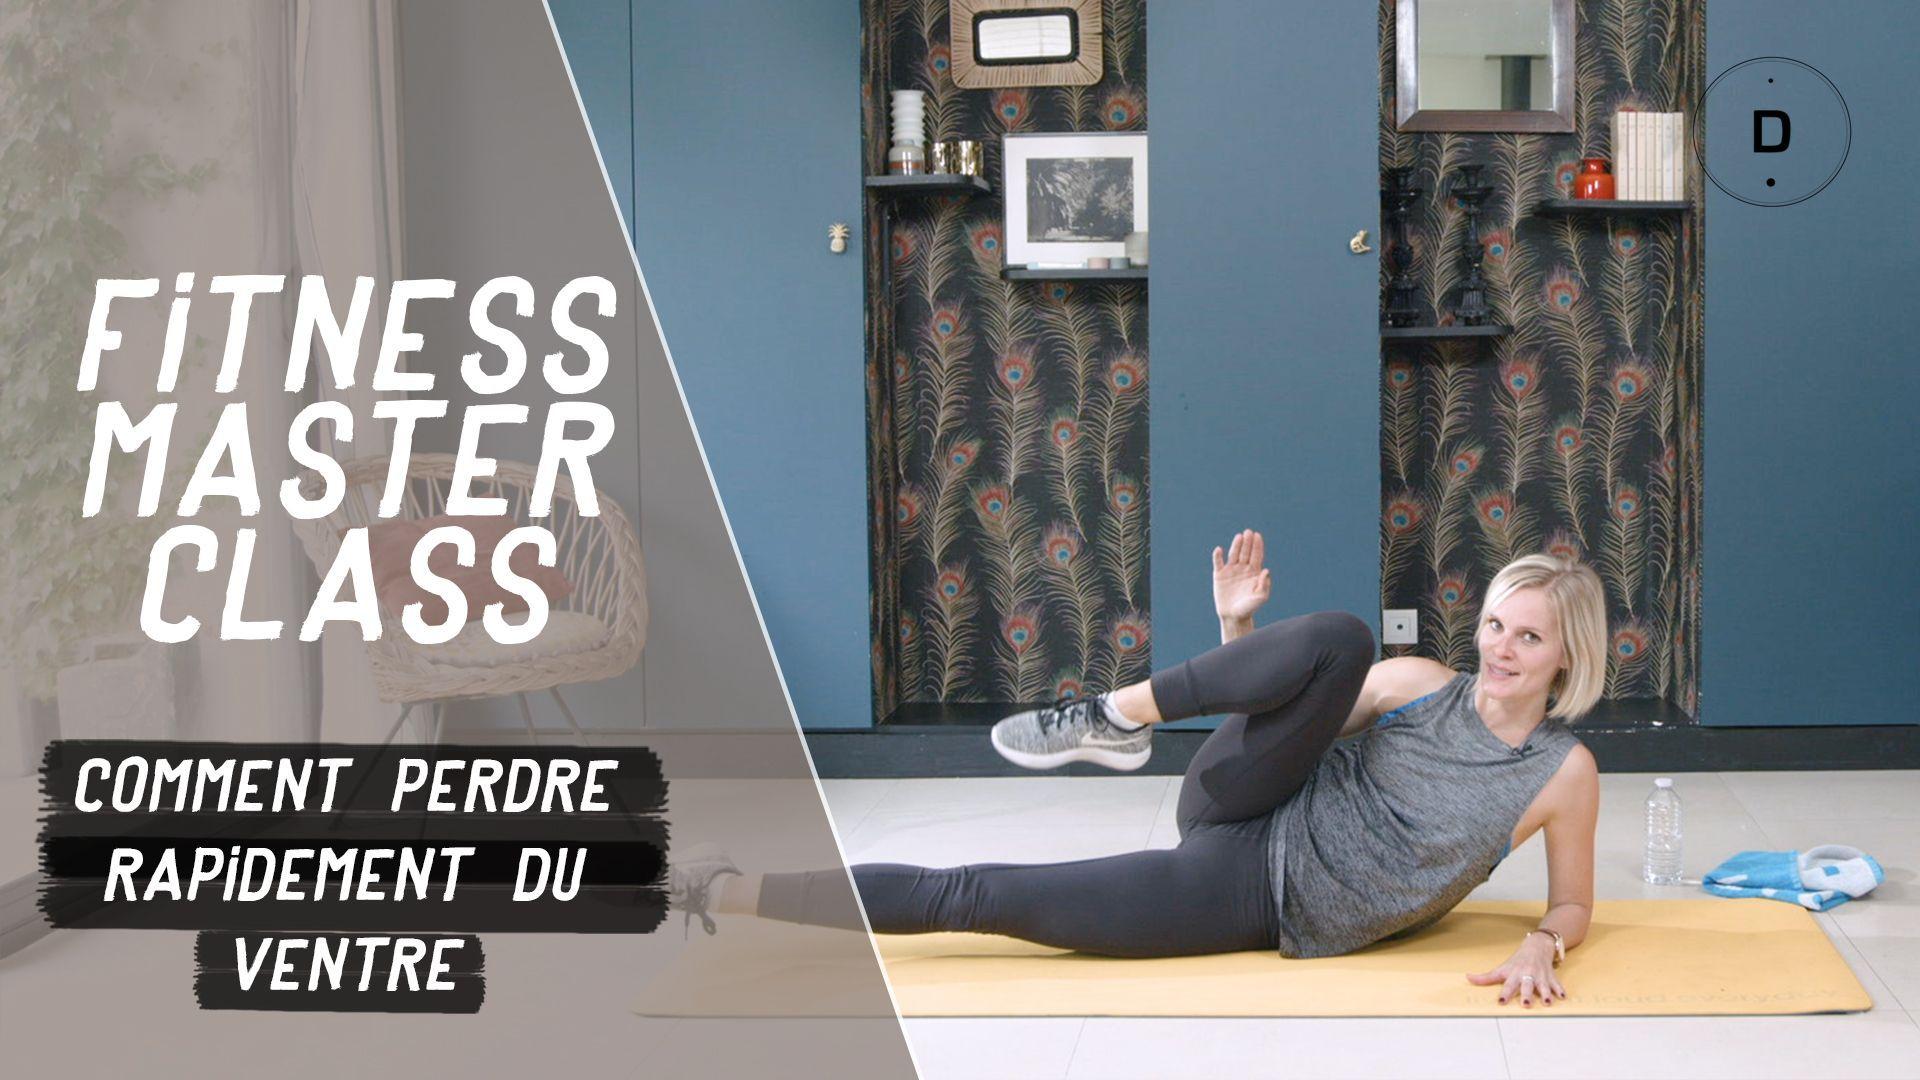 Comment perdre rapidement du ventre ? (20 min) - Fitness